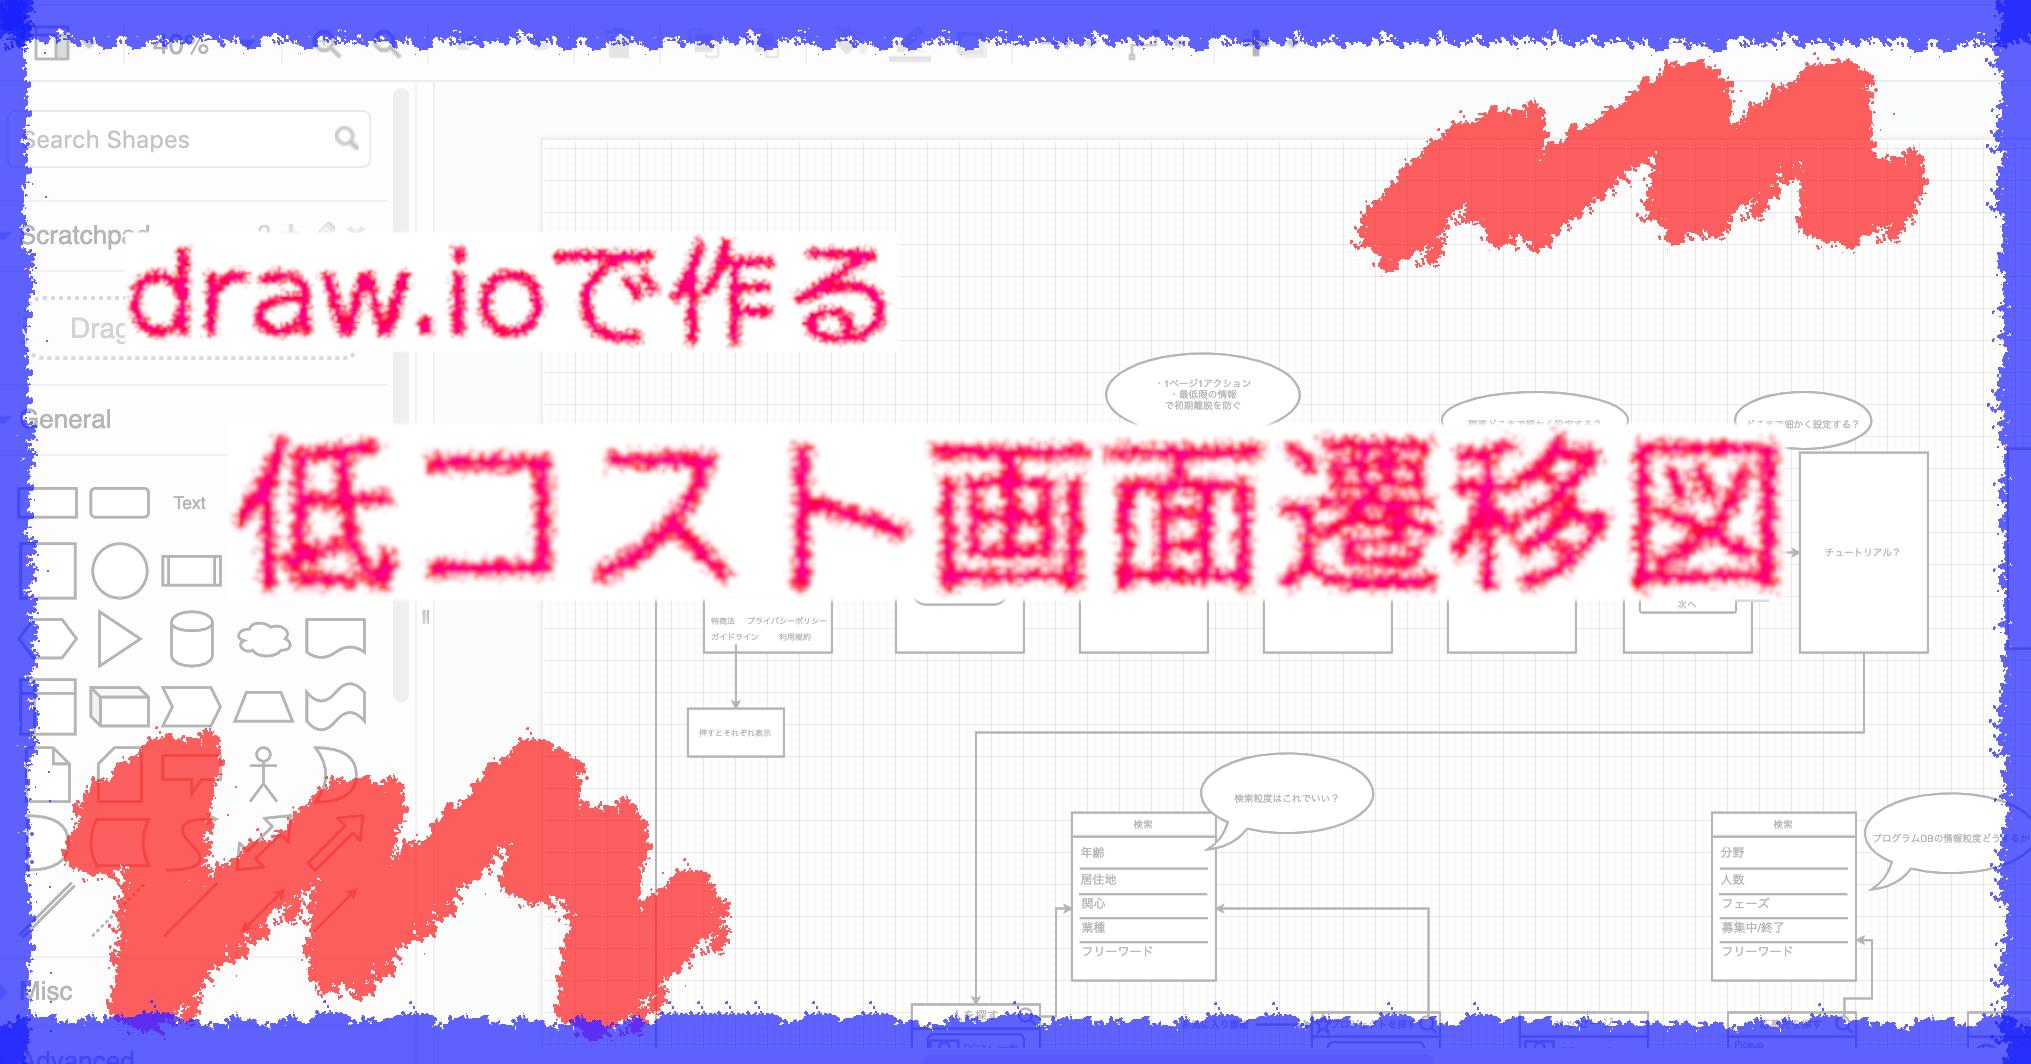 アプリ開発における画面遷移図の作成方法